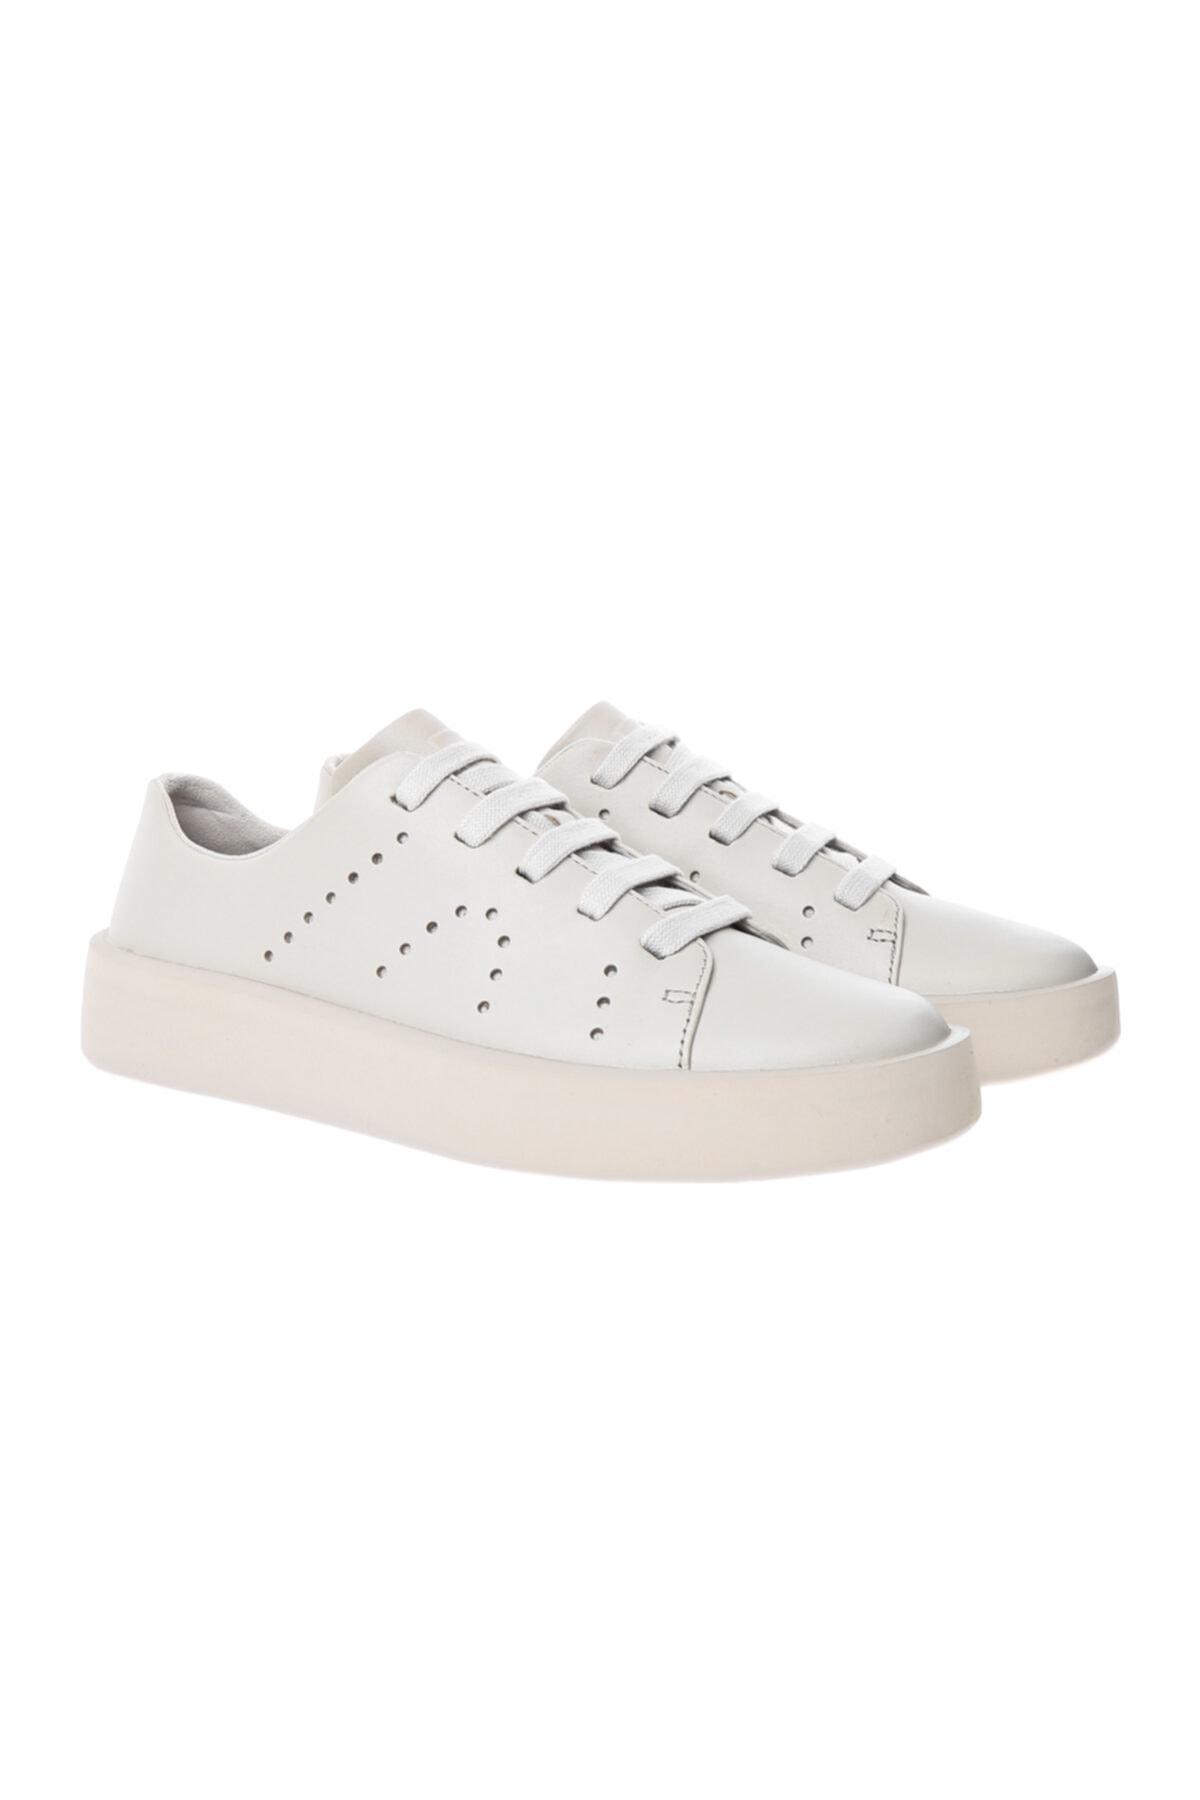 CAMPER Kadın Beyaz Sneaker K200945-001  Courb Beıge 2